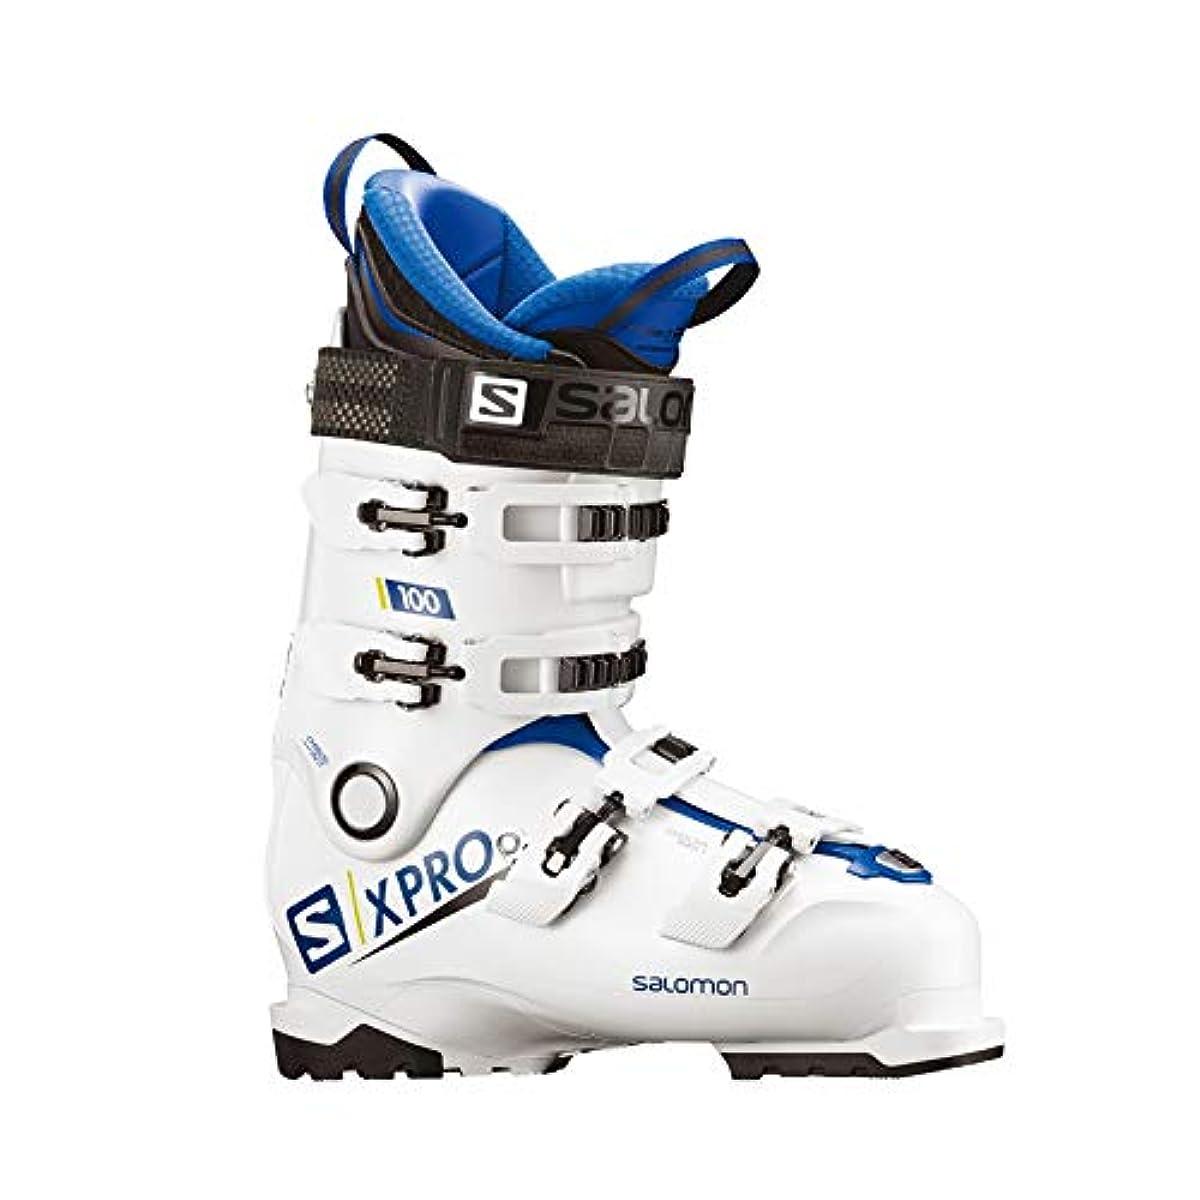 [해외] 살로몬SALOMON 스키화 맨즈 X PRO 100 2018-19년 모델 L40551200